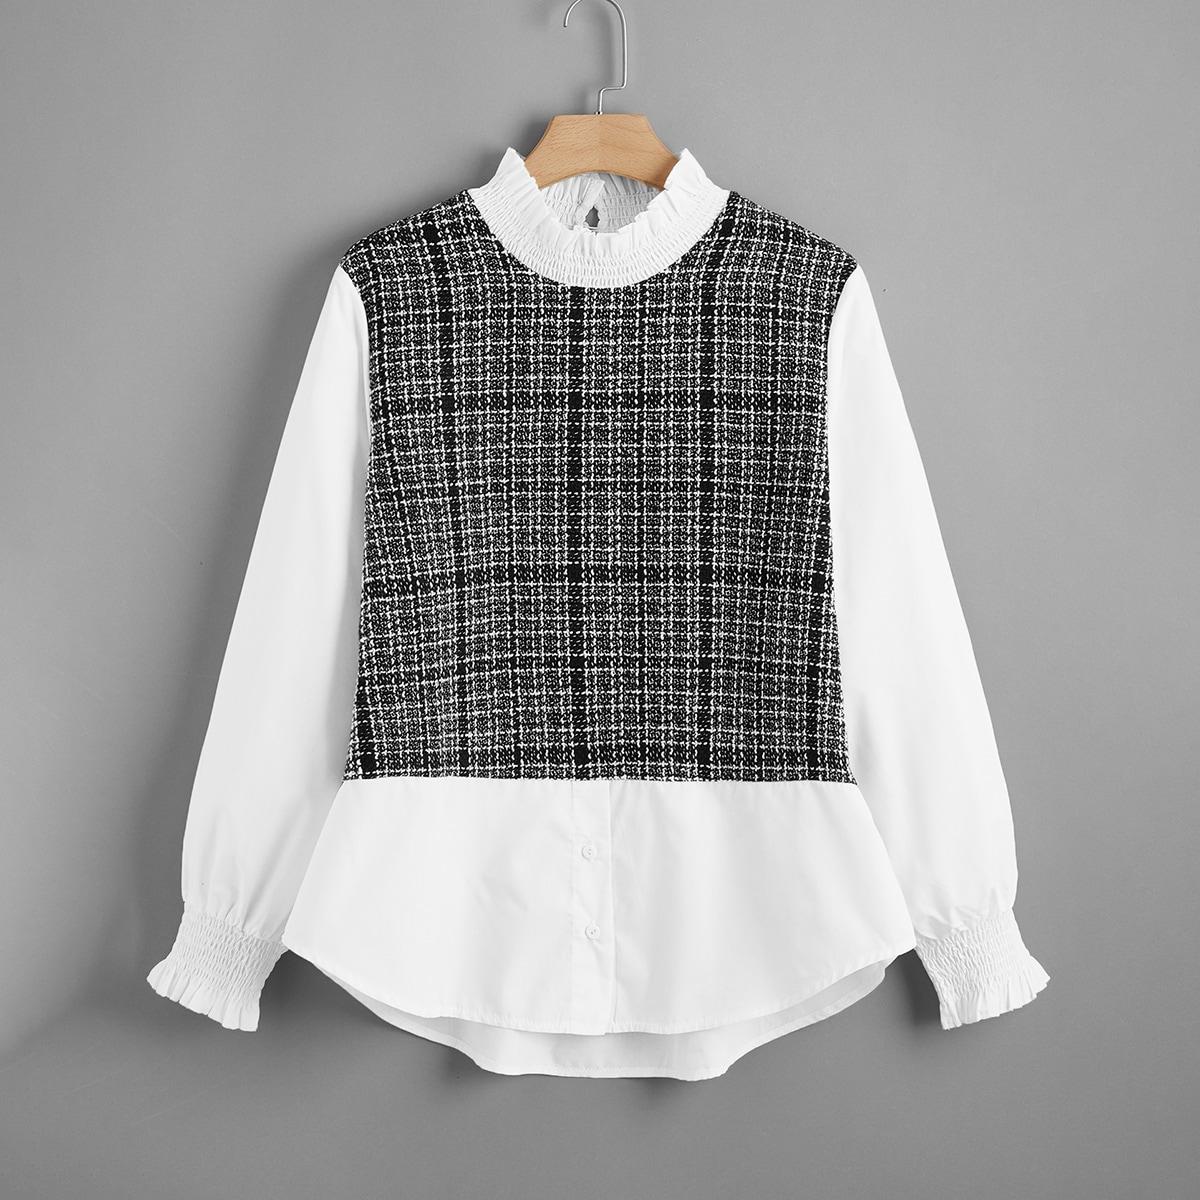 Оригинальная блузка размера плюс